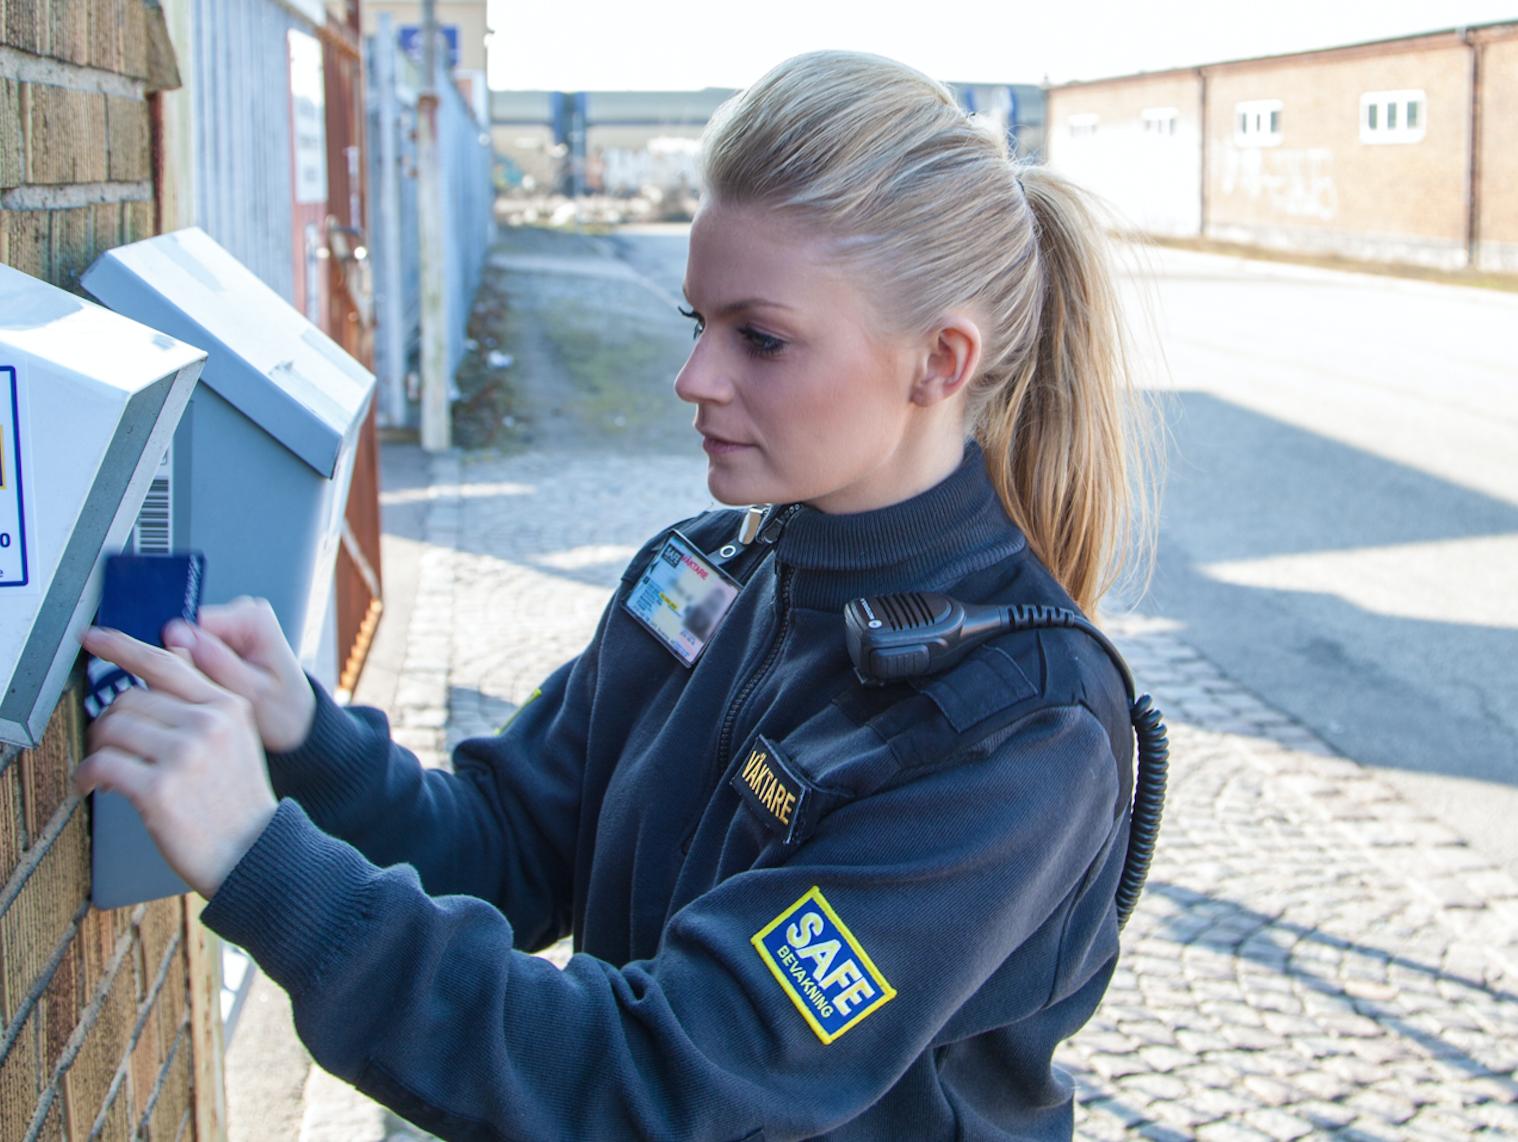 Väktare Nu Svenska Alarm